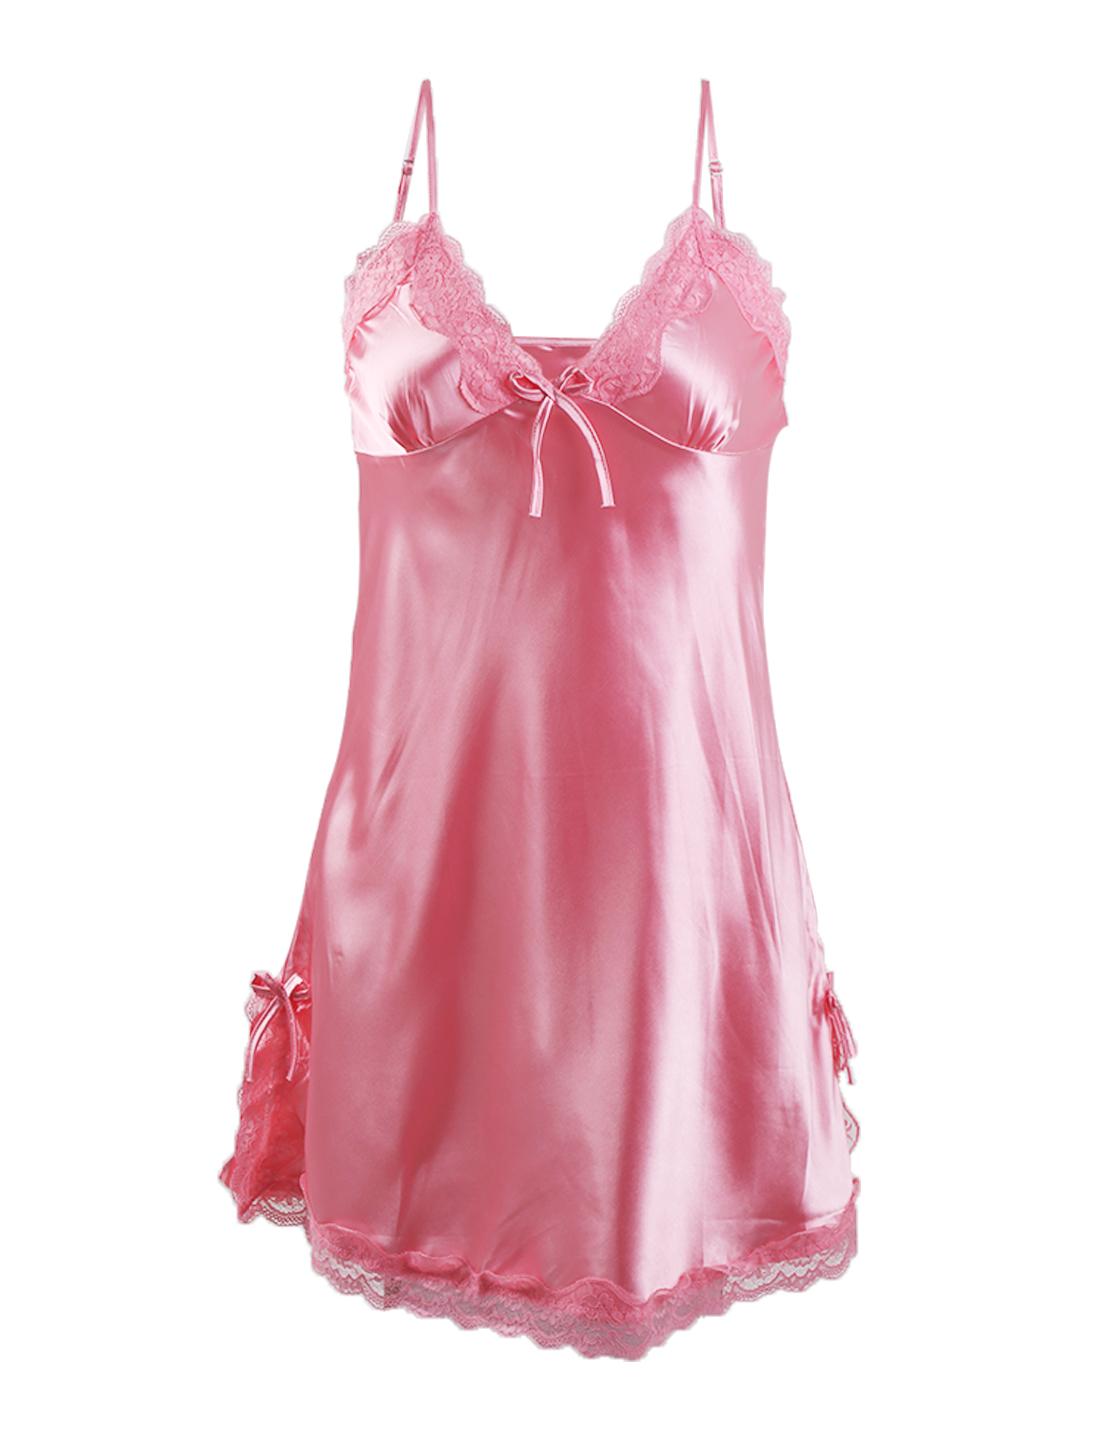 Women Sexy Satin Lace Trim Sleepwear Nightgown Pajama Slip Dress Pink-Lace XXL